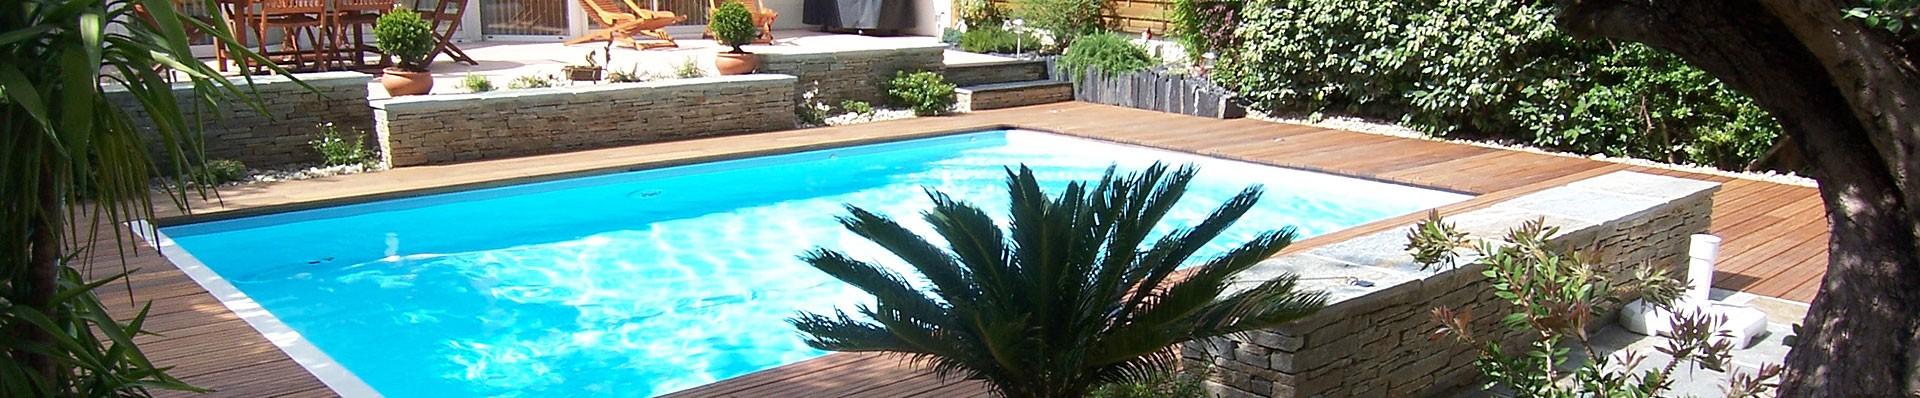 constructeur piscine 49